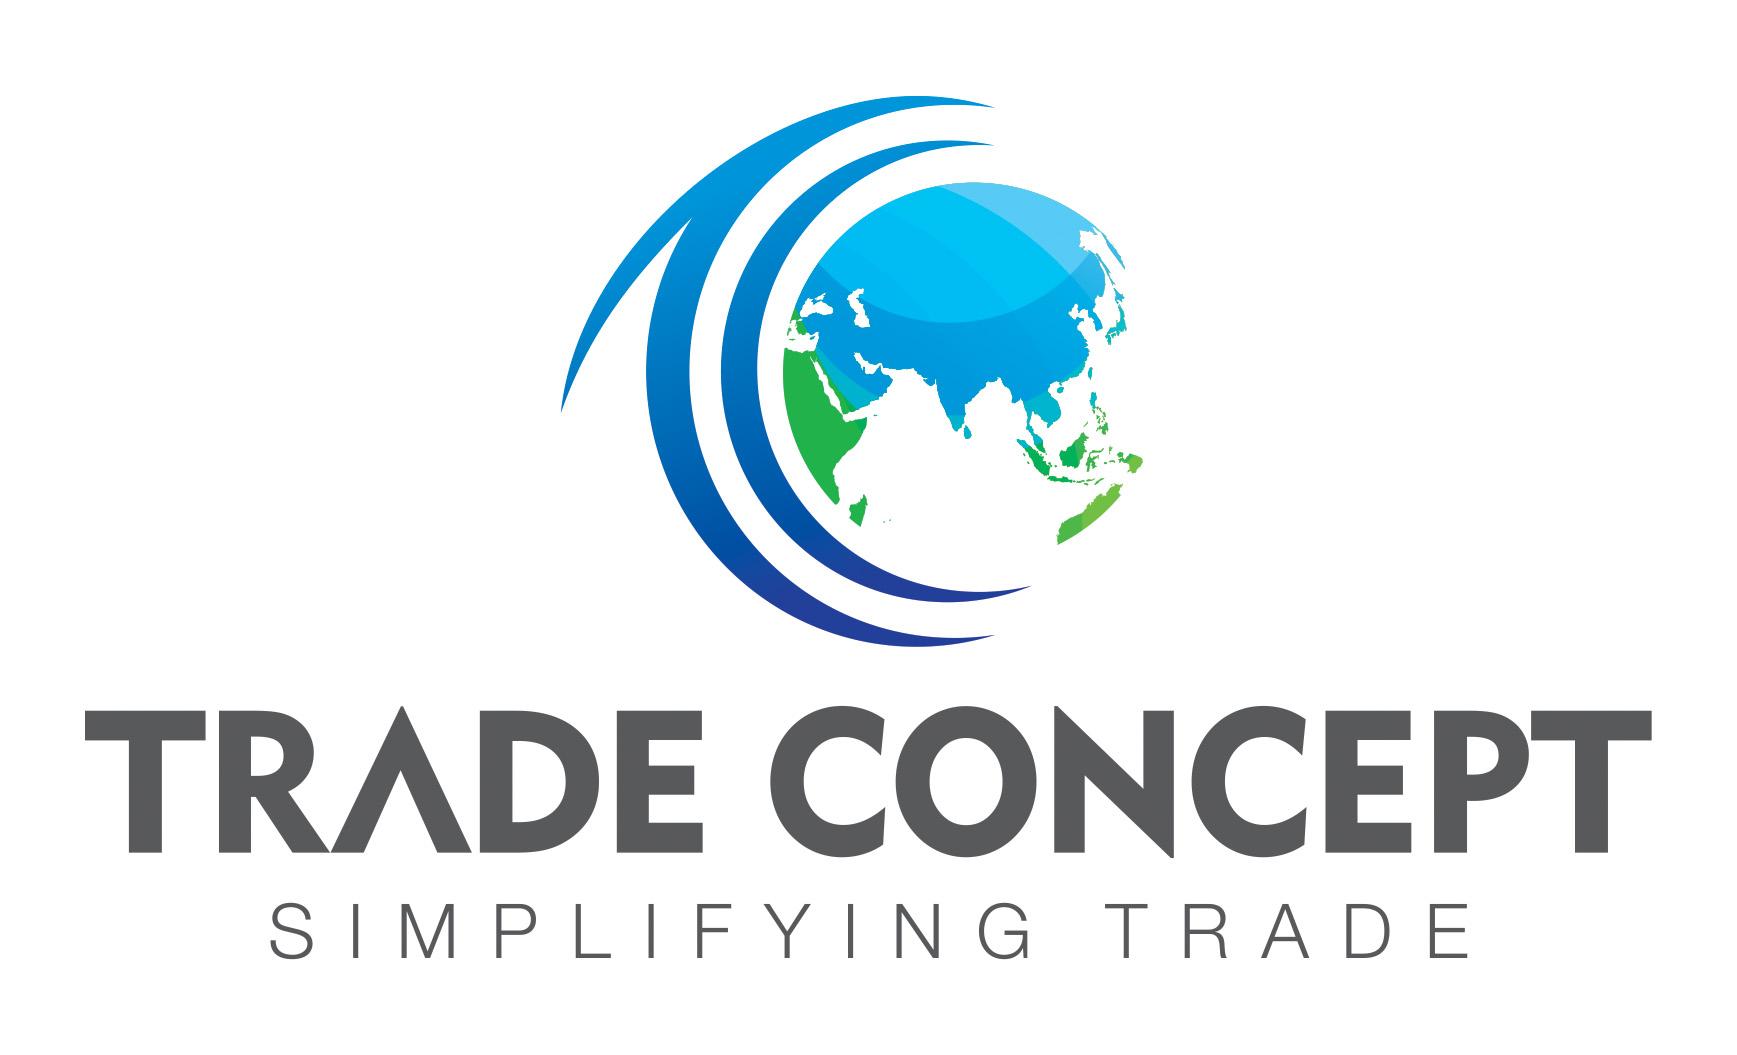 Trade Concept